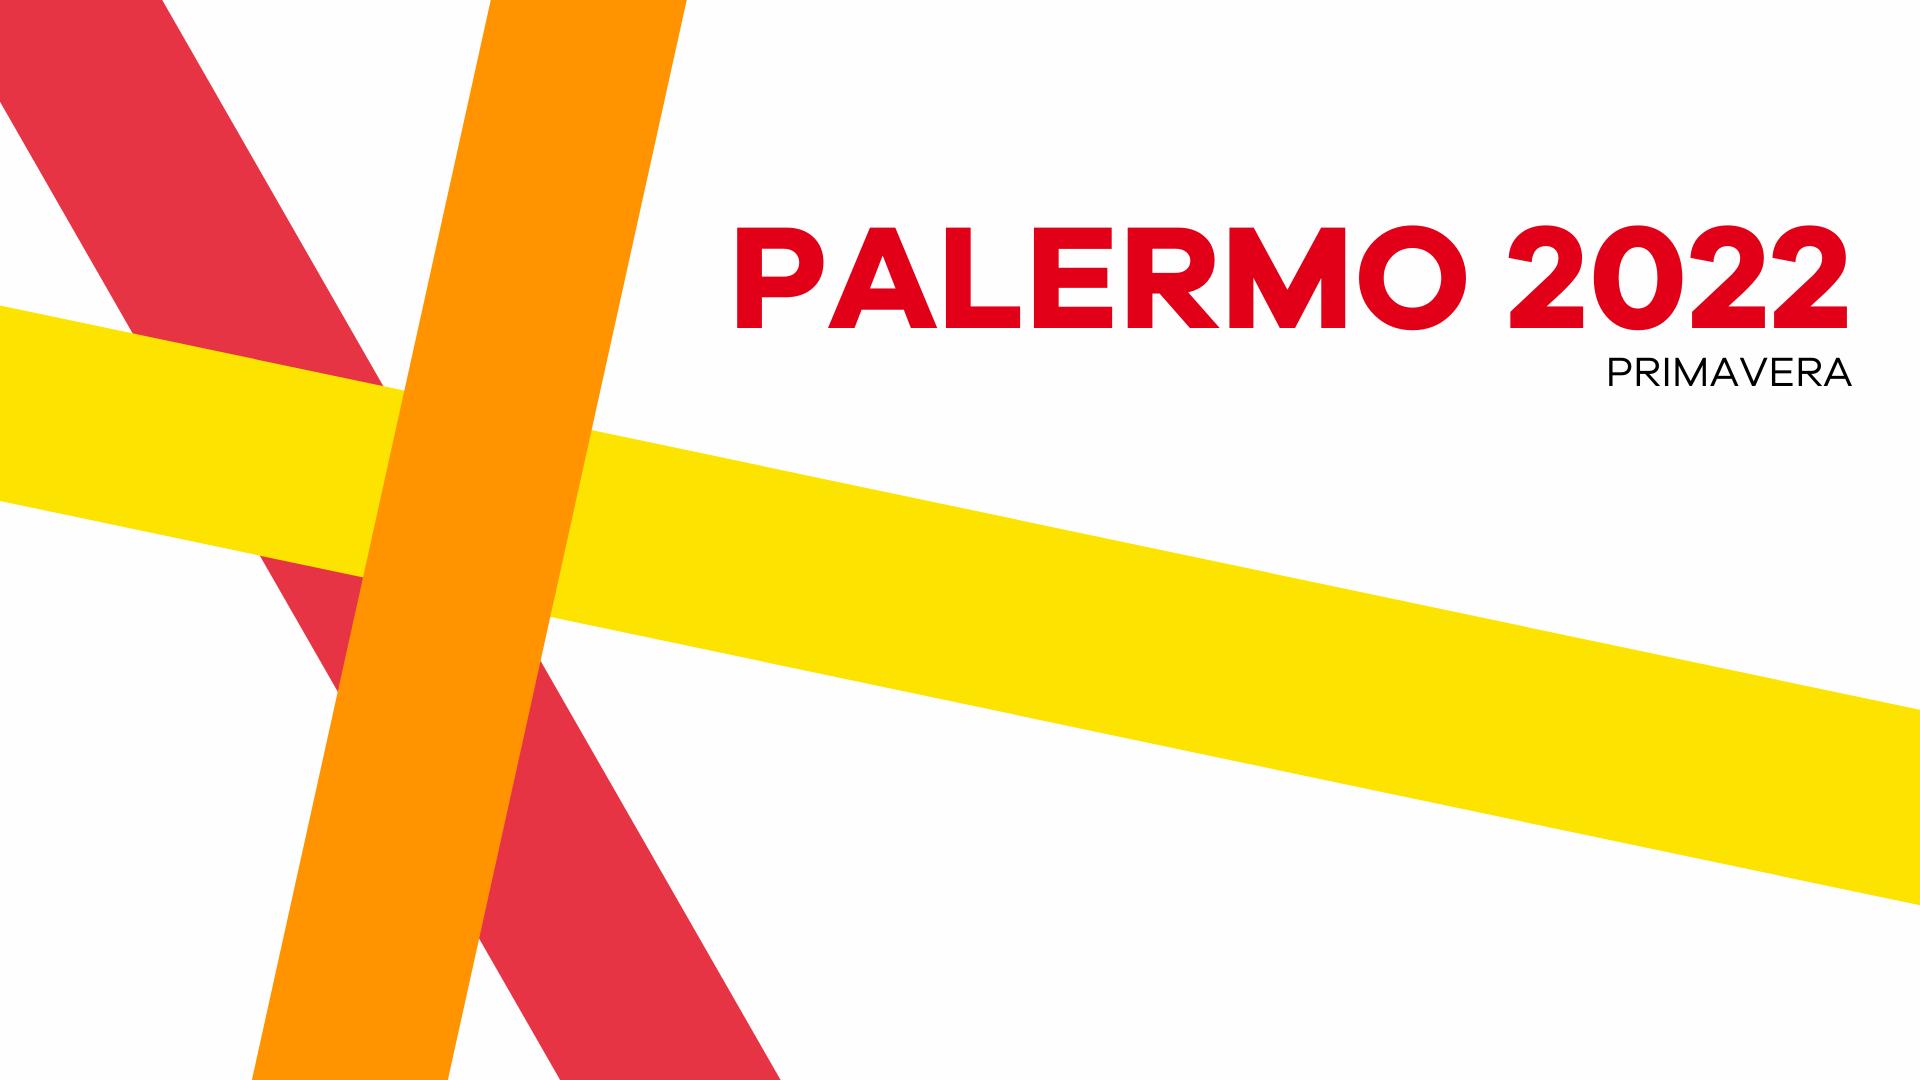 Palermo 2022 Online